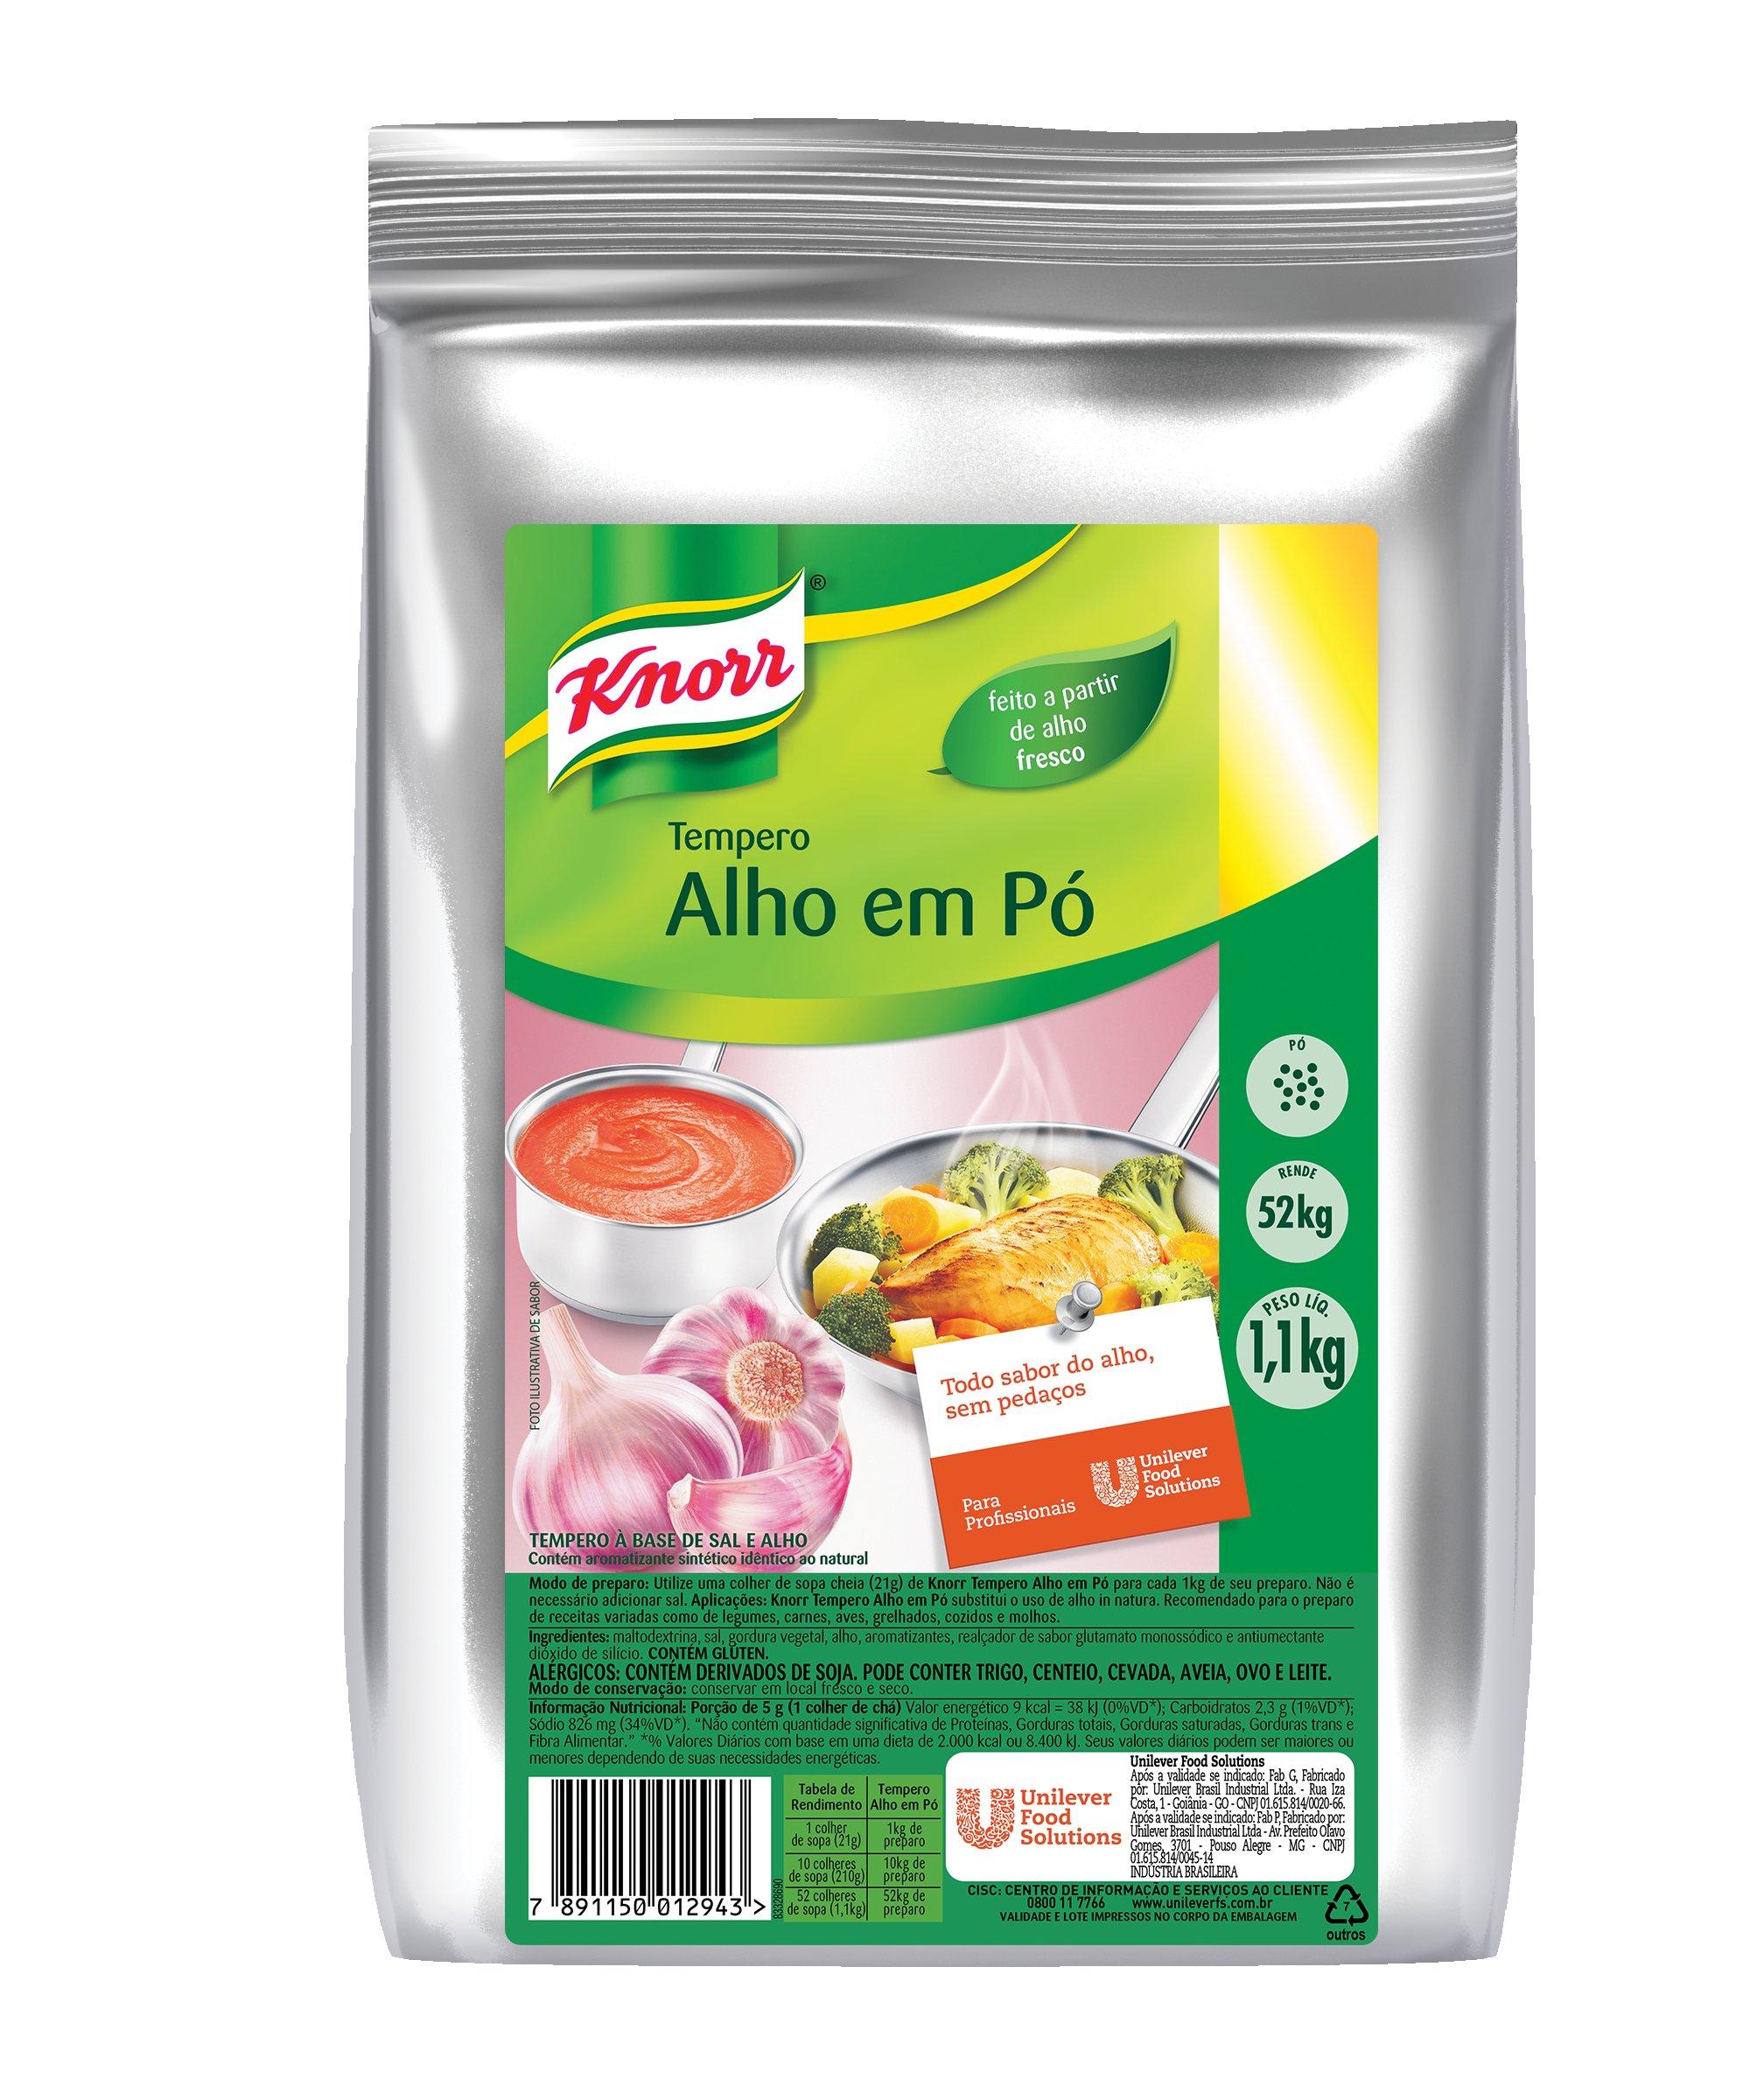 Tempero Alho em Pó Knorr 1,1 kg -